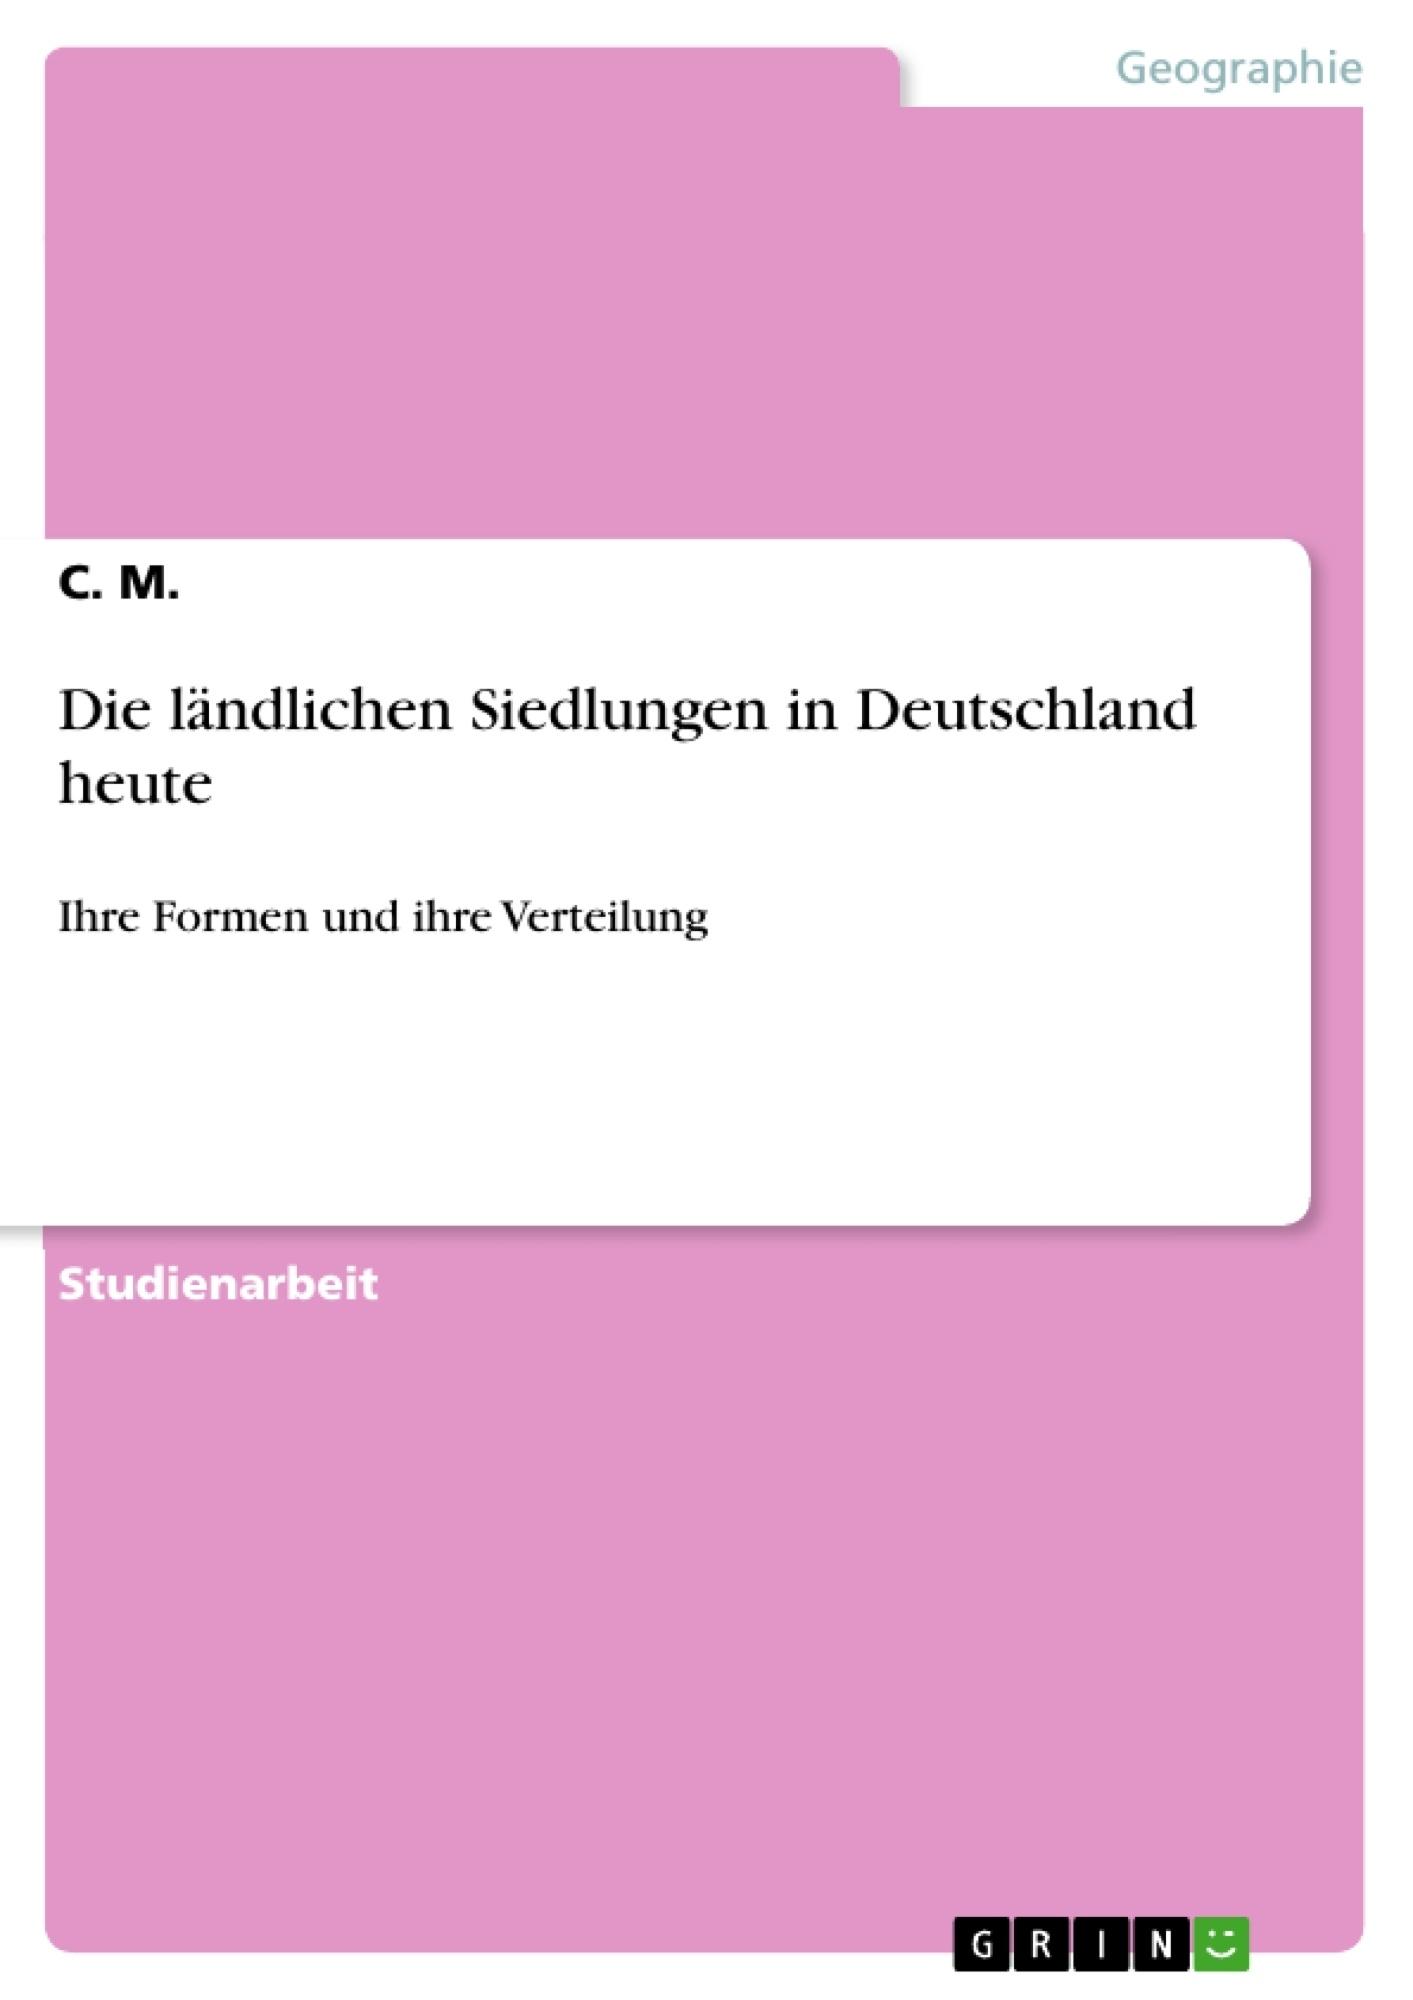 Titel: Die ländlichen Siedlungen in Deutschland heute